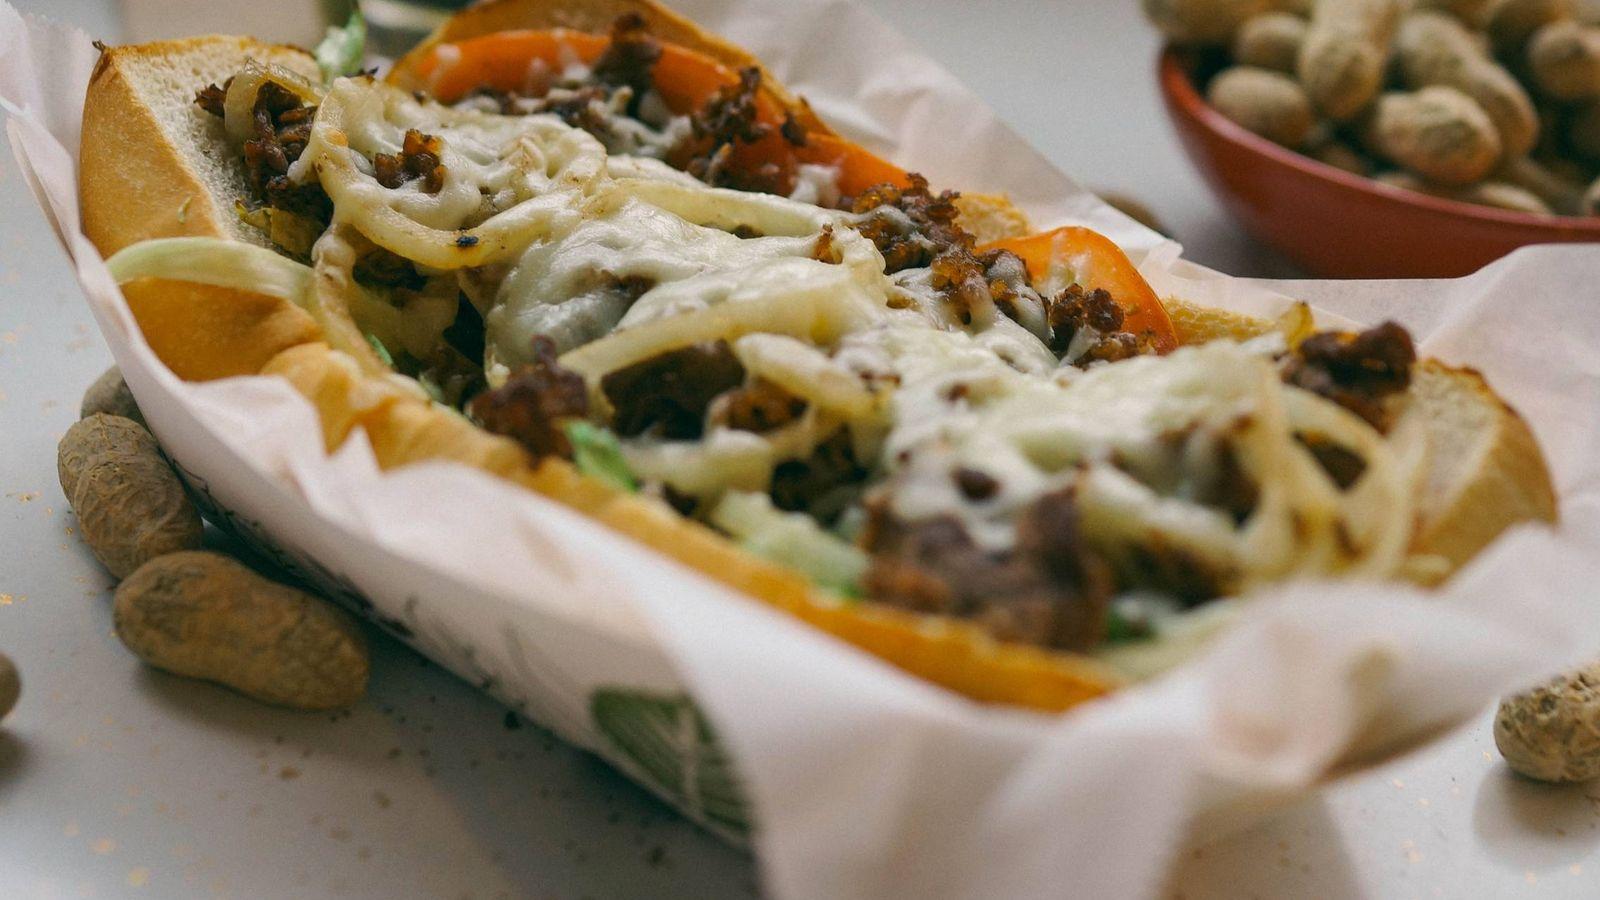 Foto: La comida rápida puede tener su lugar en una dieta.